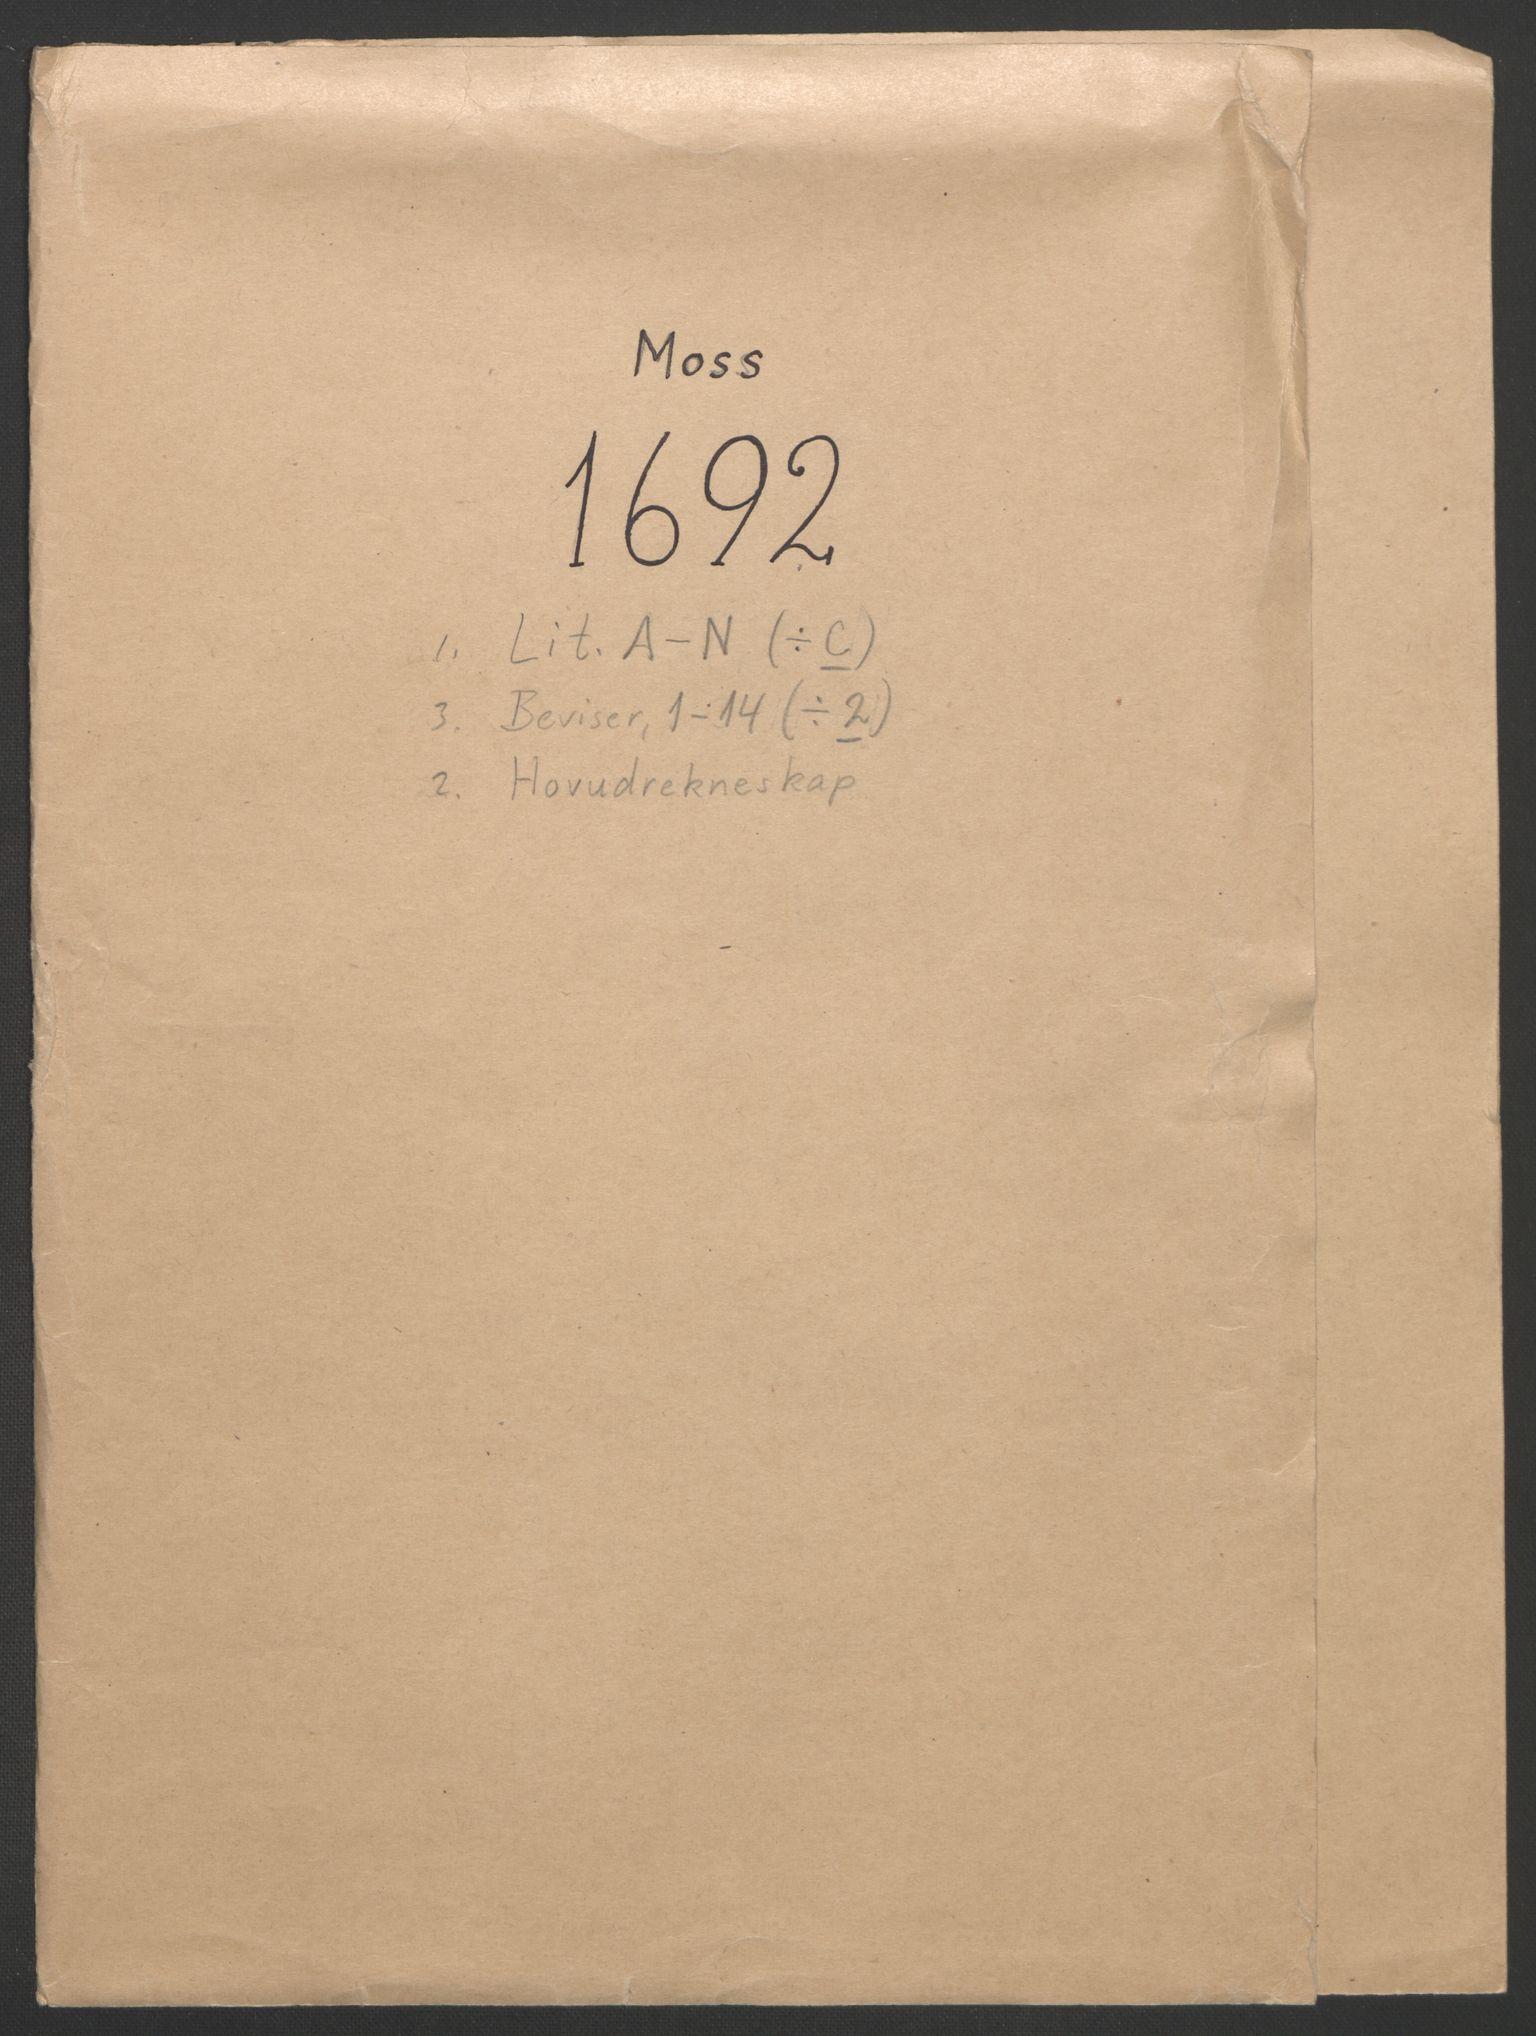 RA, Rentekammeret inntil 1814, Reviderte regnskaper, Fogderegnskap, R02/L0108: Fogderegnskap Moss og Verne kloster, 1692-1693, s. 1